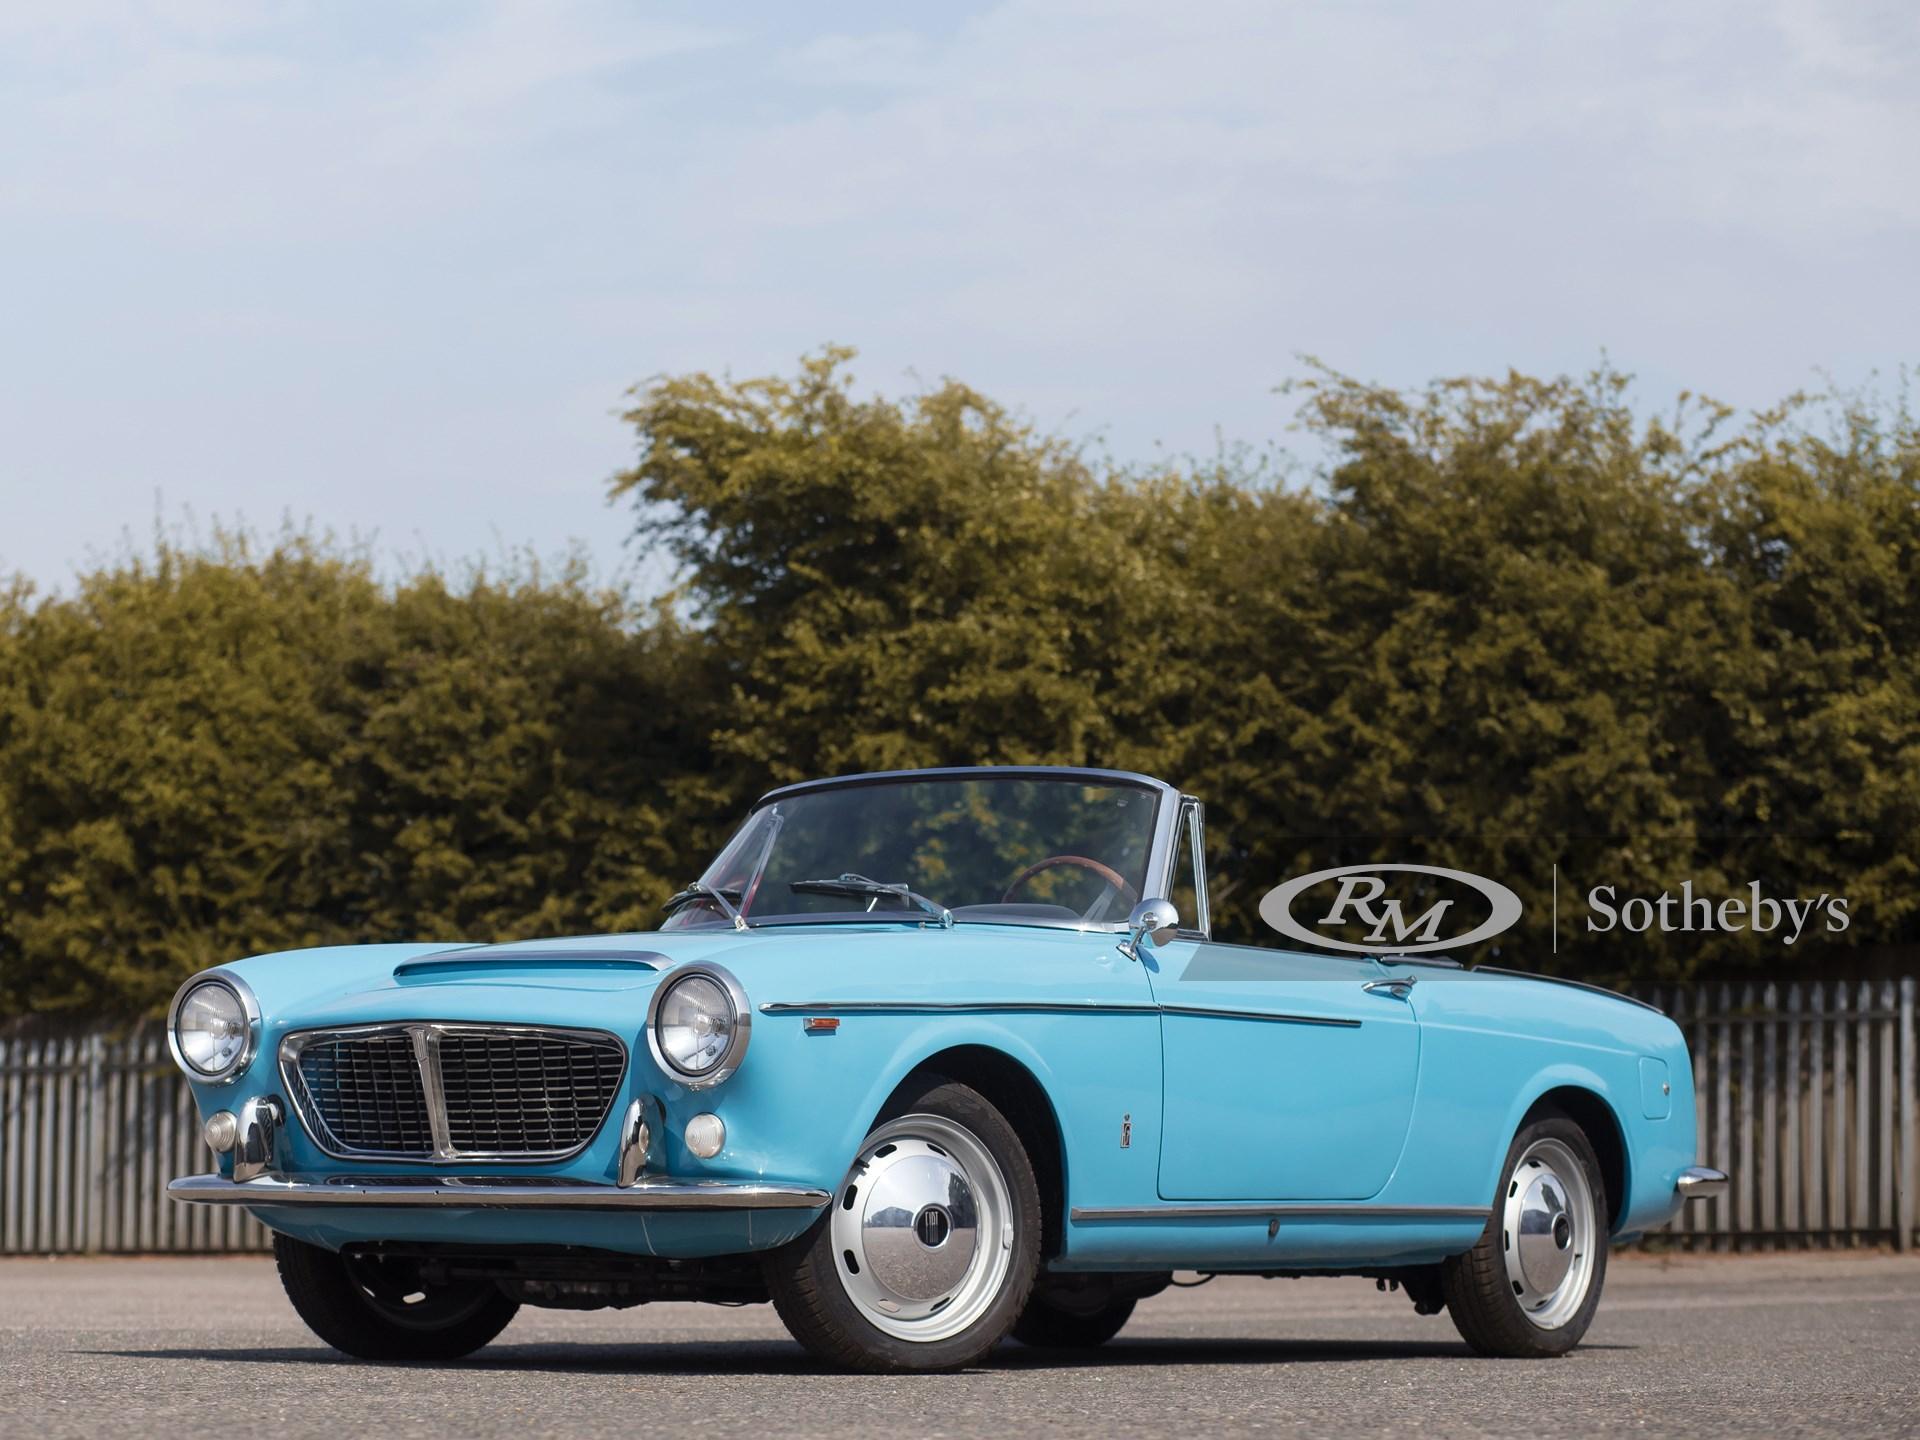 1961 Fiat-OSCA 1500S Spider by Pininfarina